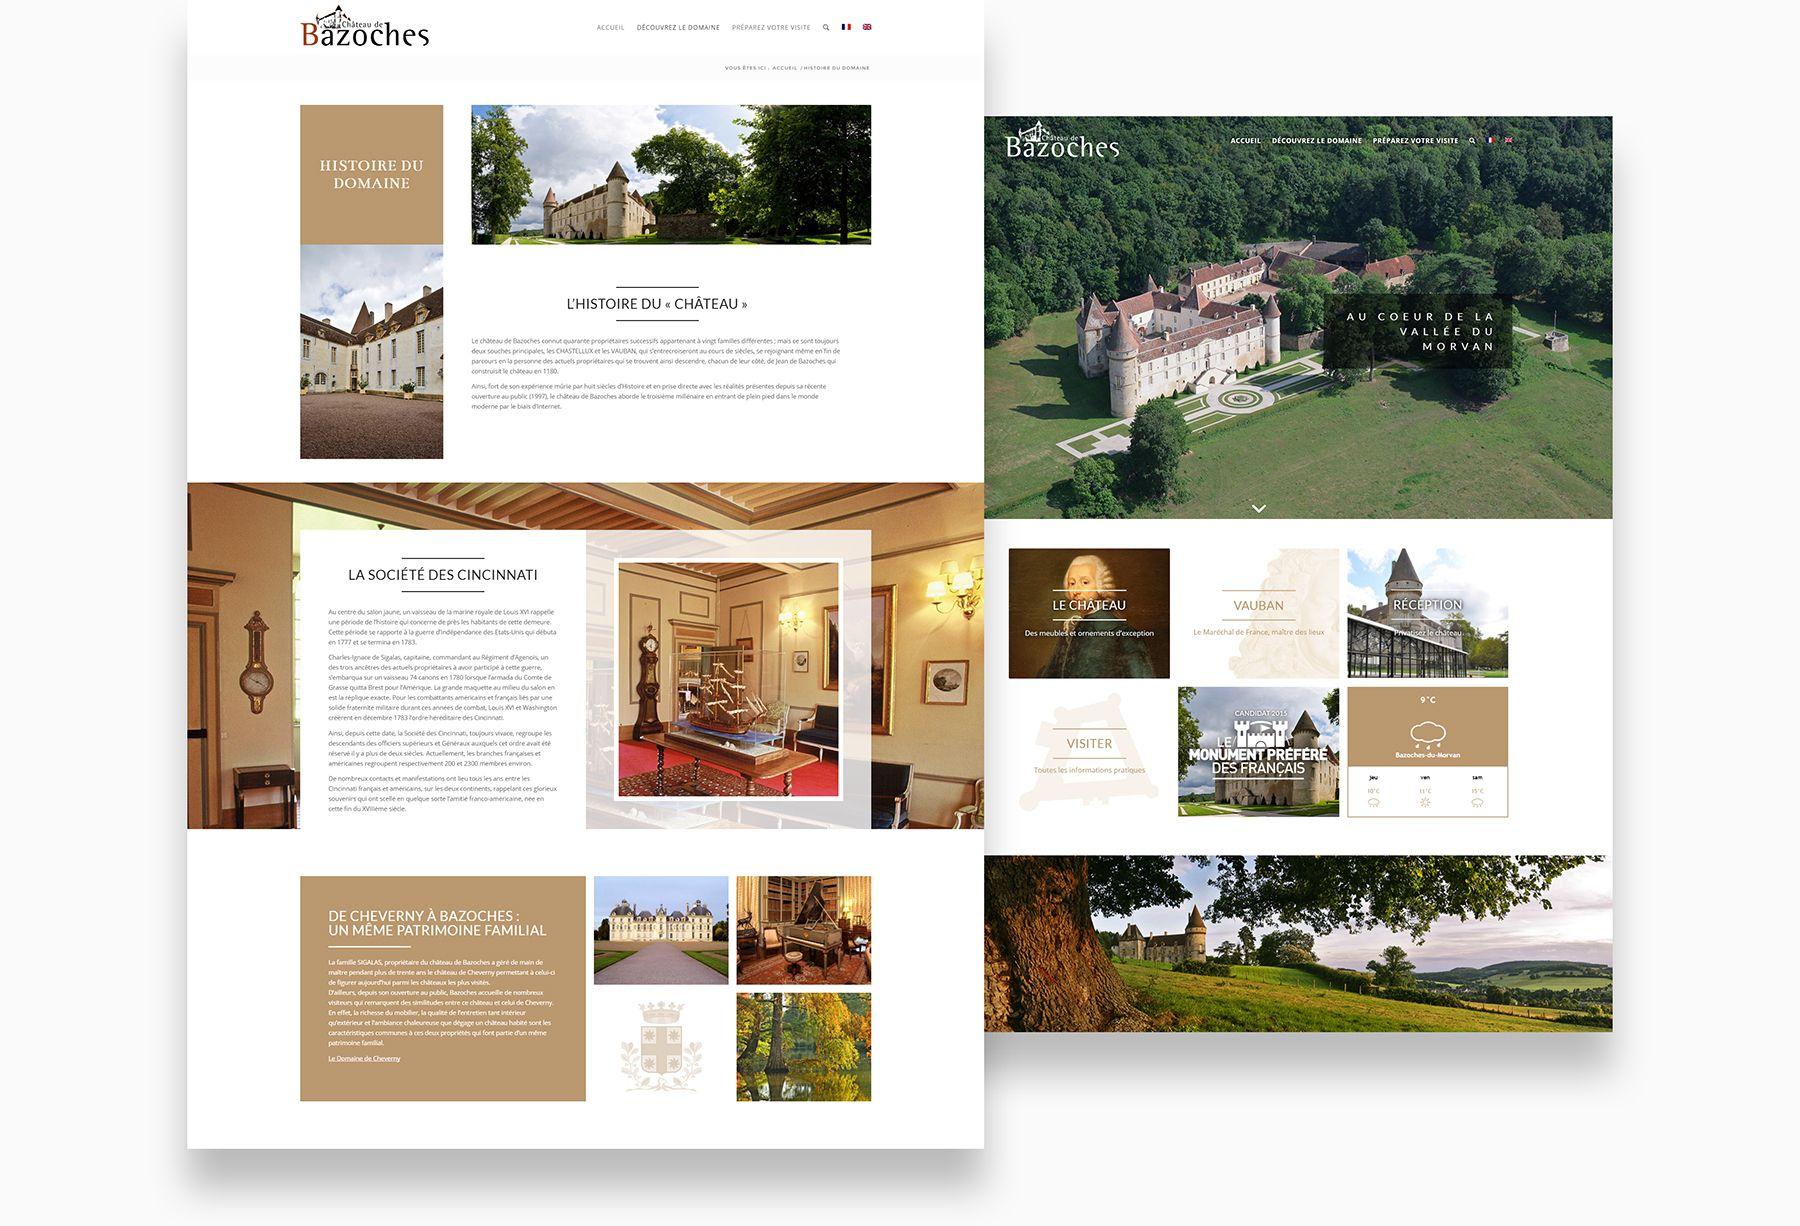 Web/UX design Château de Bazoches par blindesign